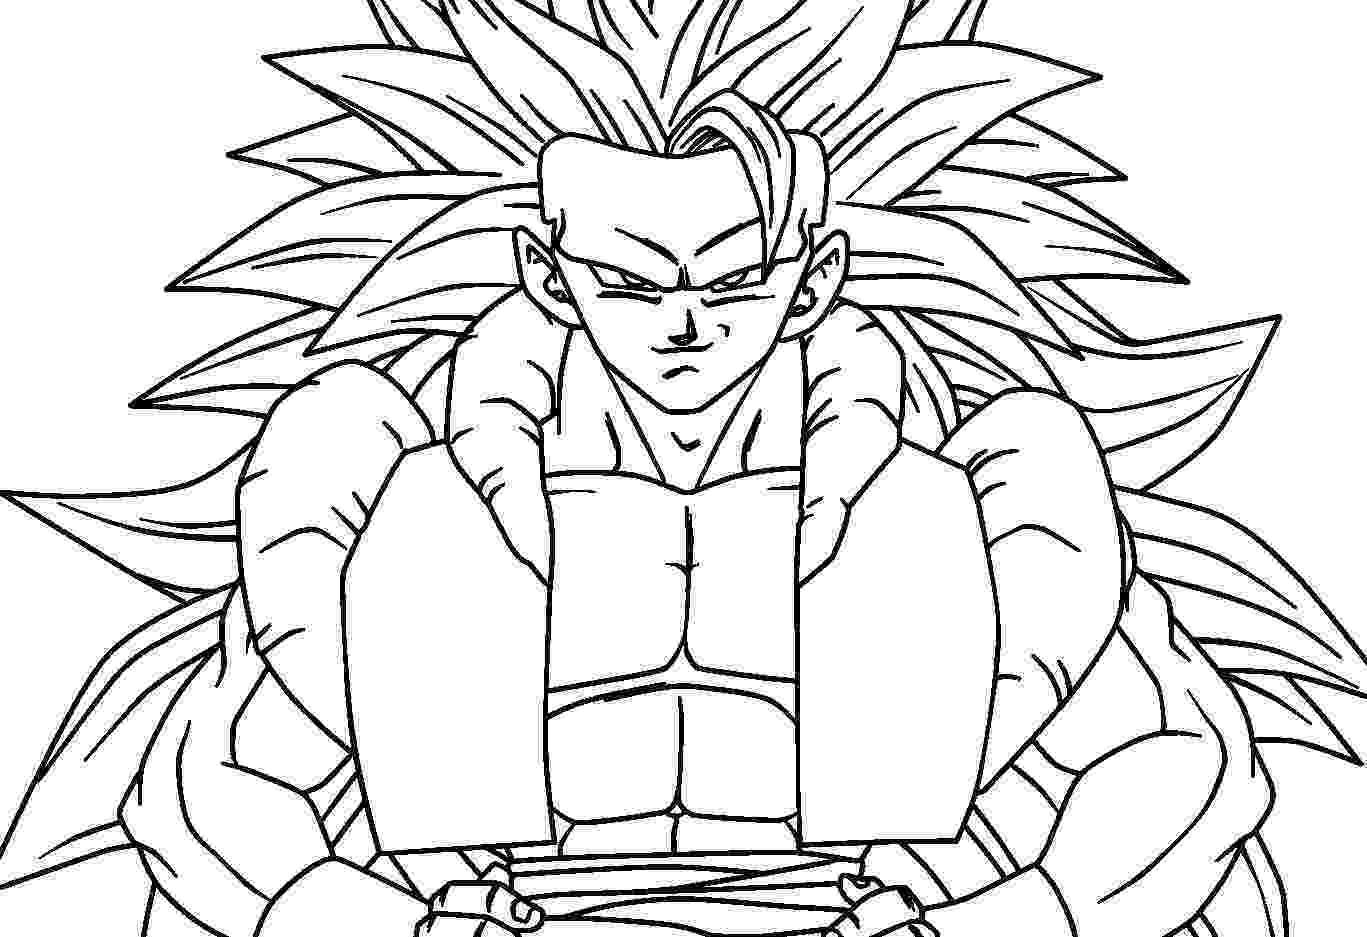 goku super saiyan 3 coloring pages 50 best super saiyan goku coloring pages images coloring pages super saiyan coloring 3 goku